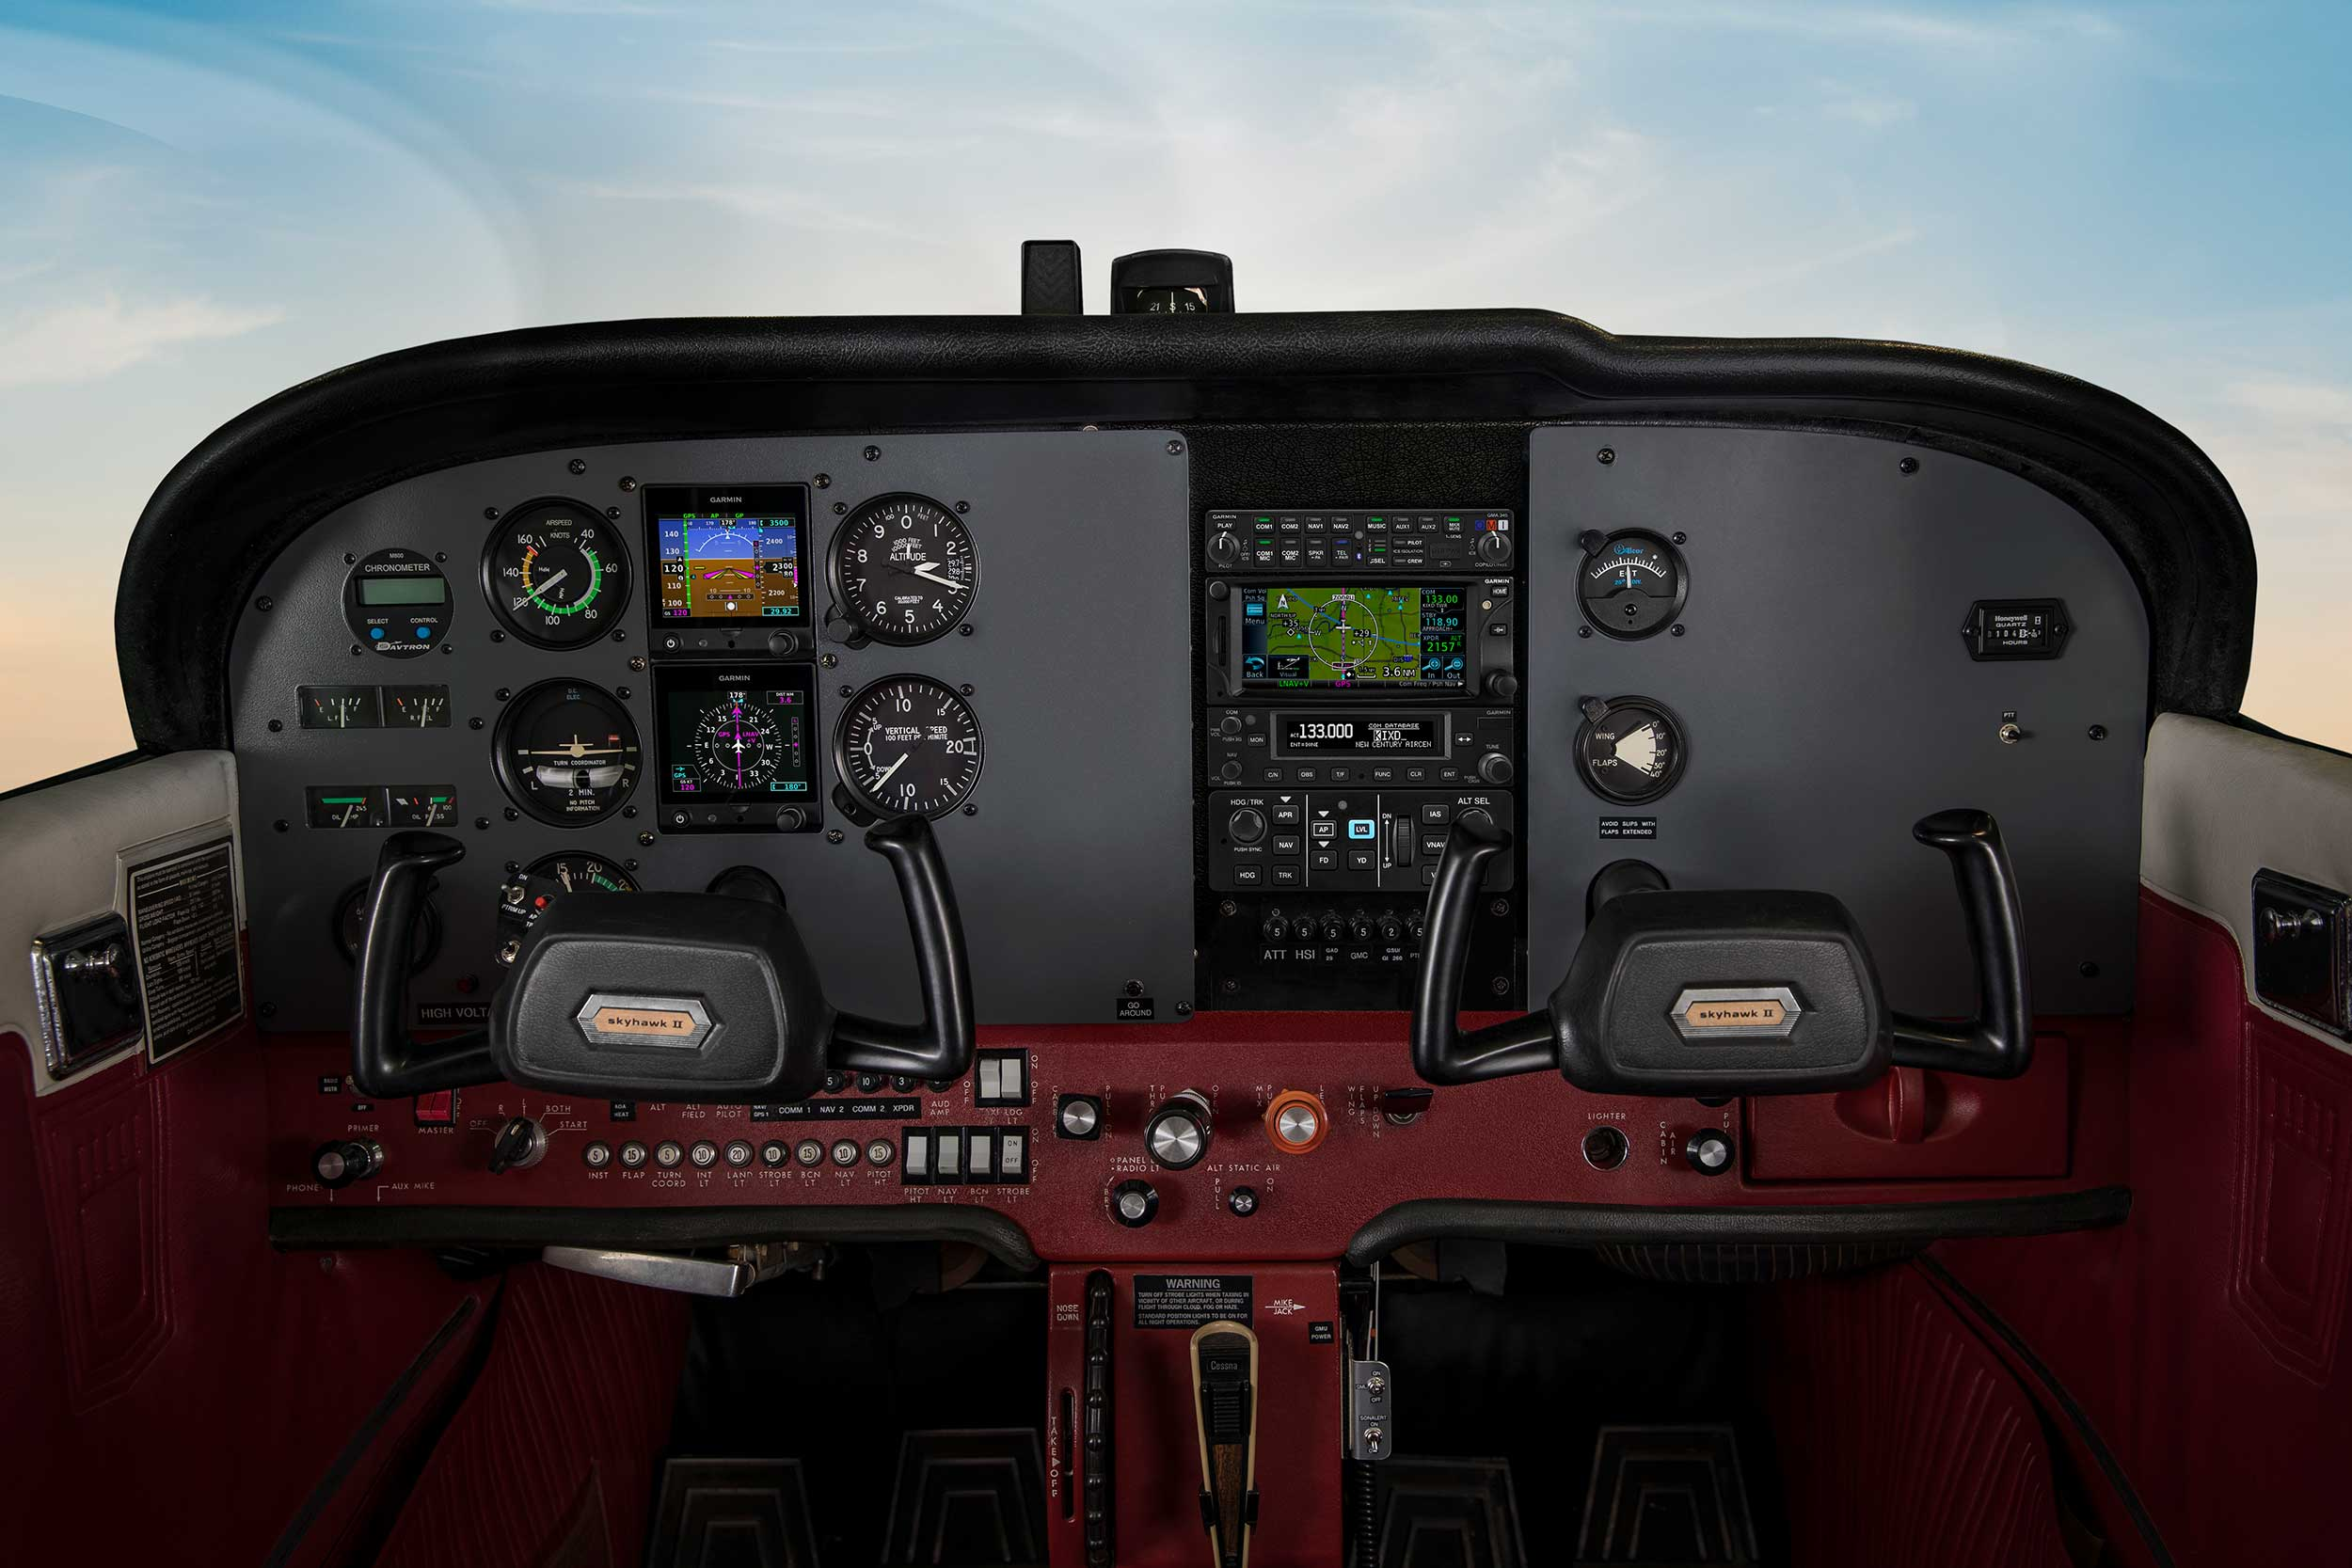 Garmin GFC 500 autopilot